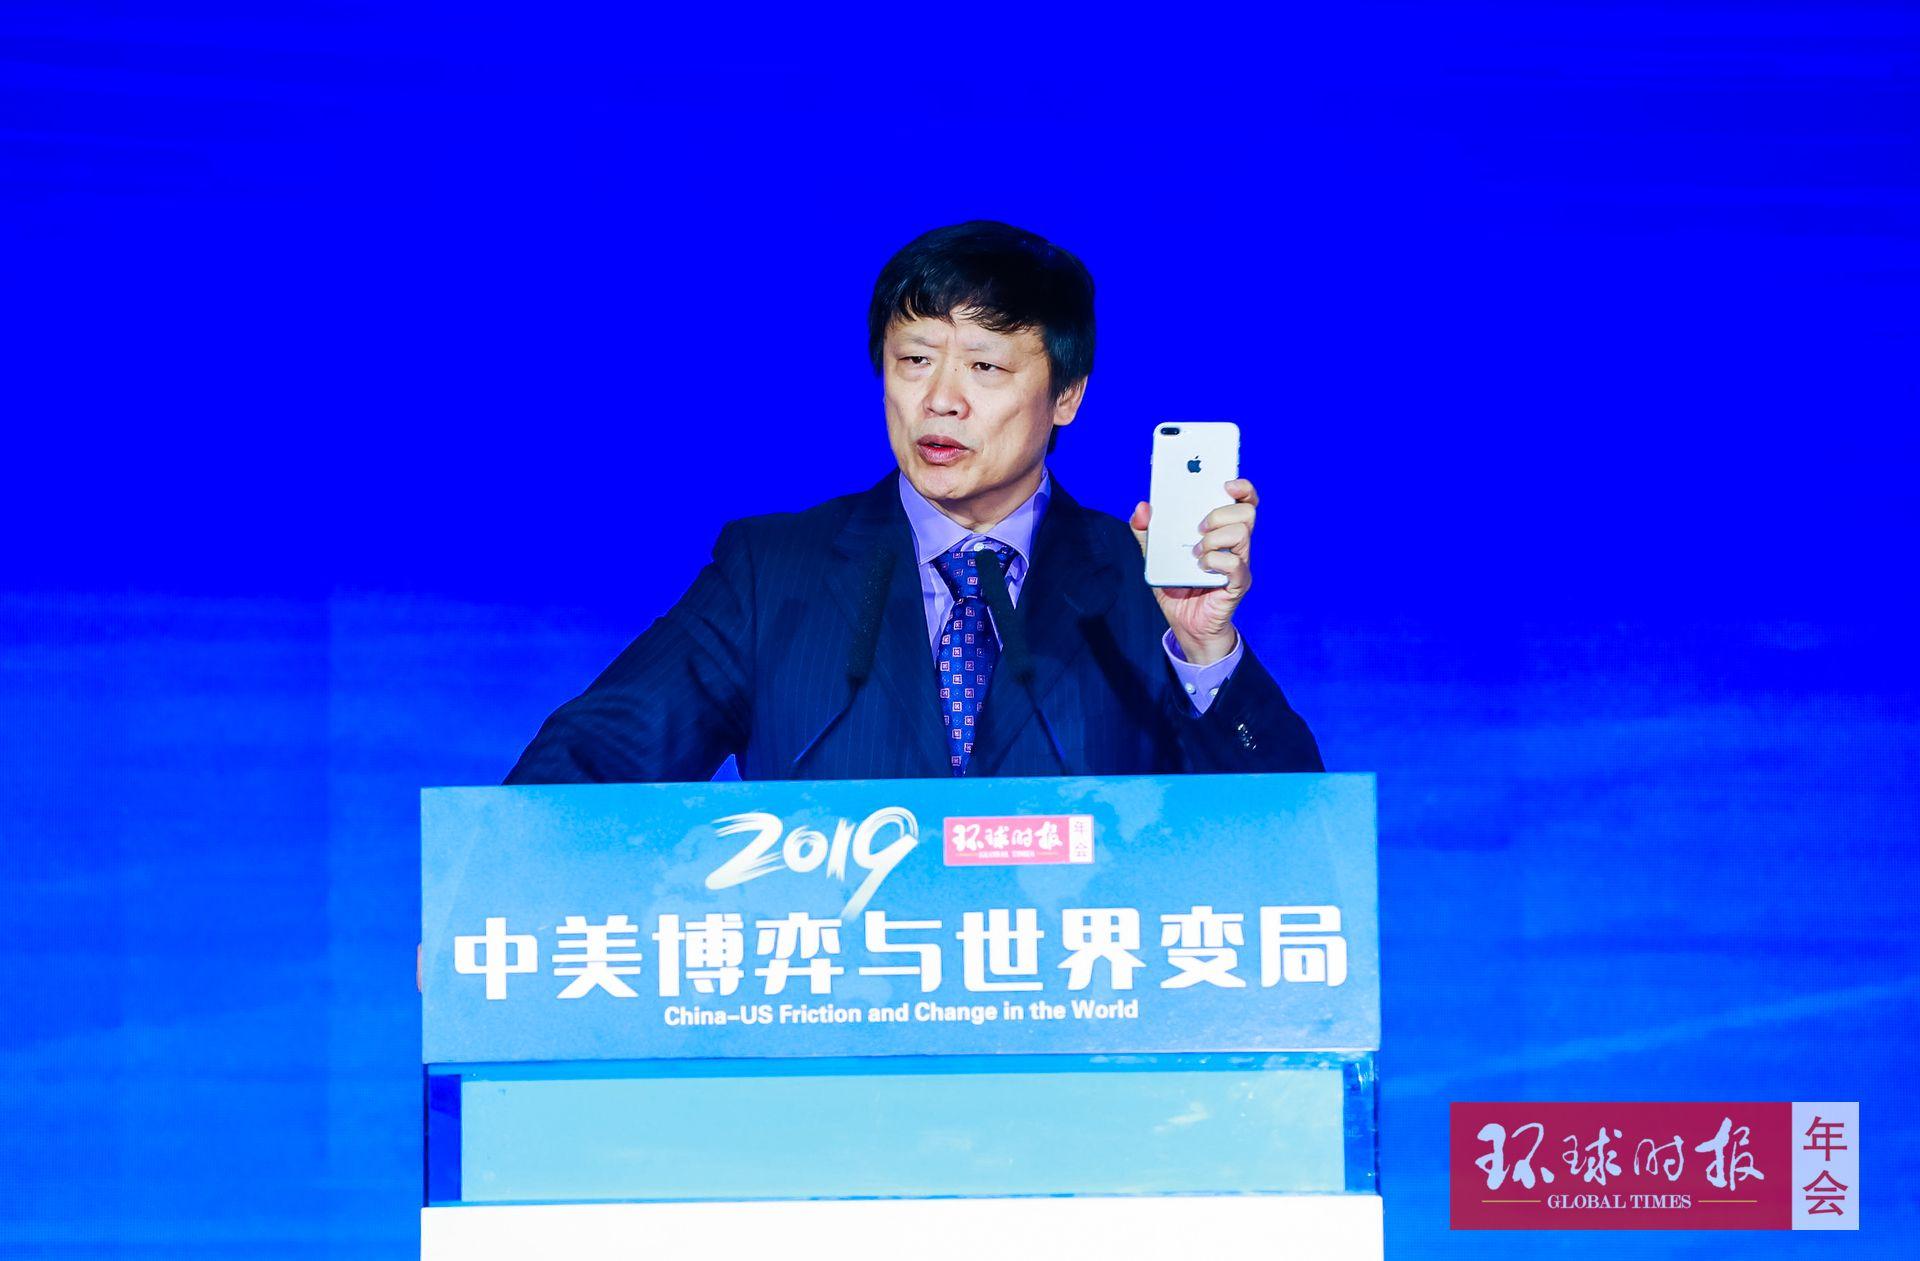 胡锡进:我为什么用苹果手机在微博发帖挺华为